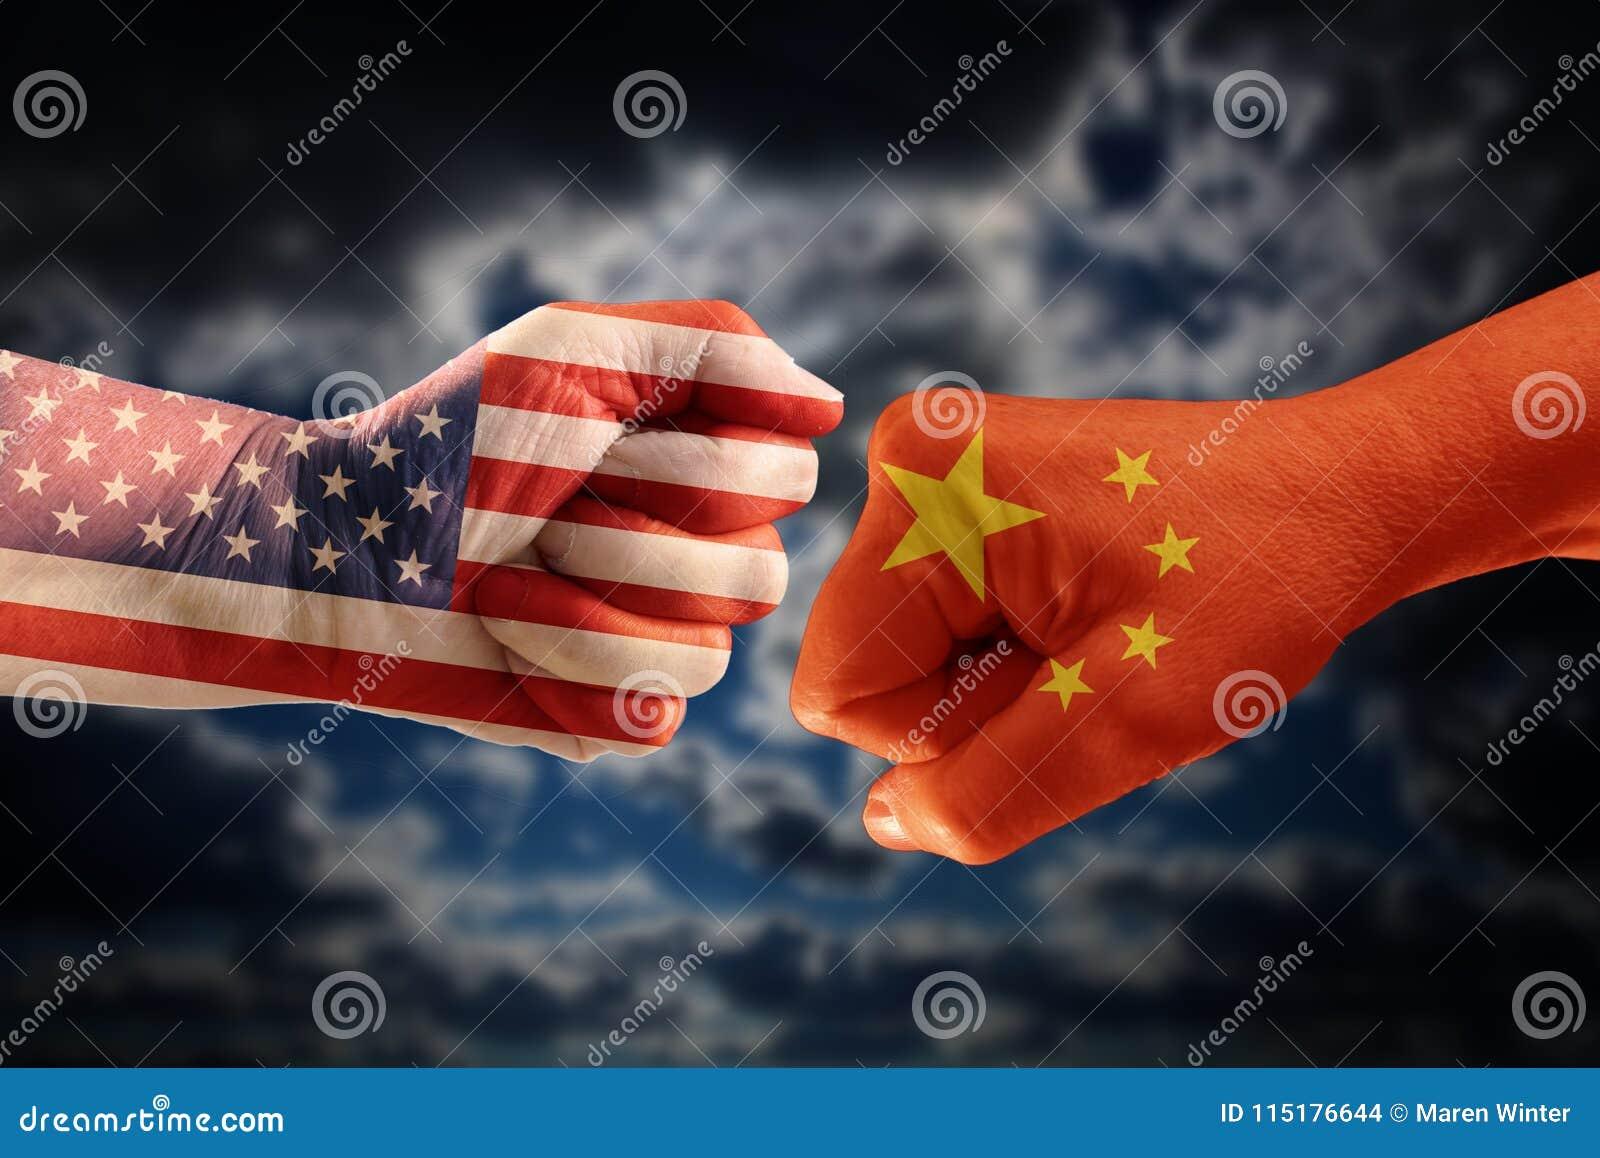 Handla konflikten, nävar med flaggorna av USA och Kina mot ea